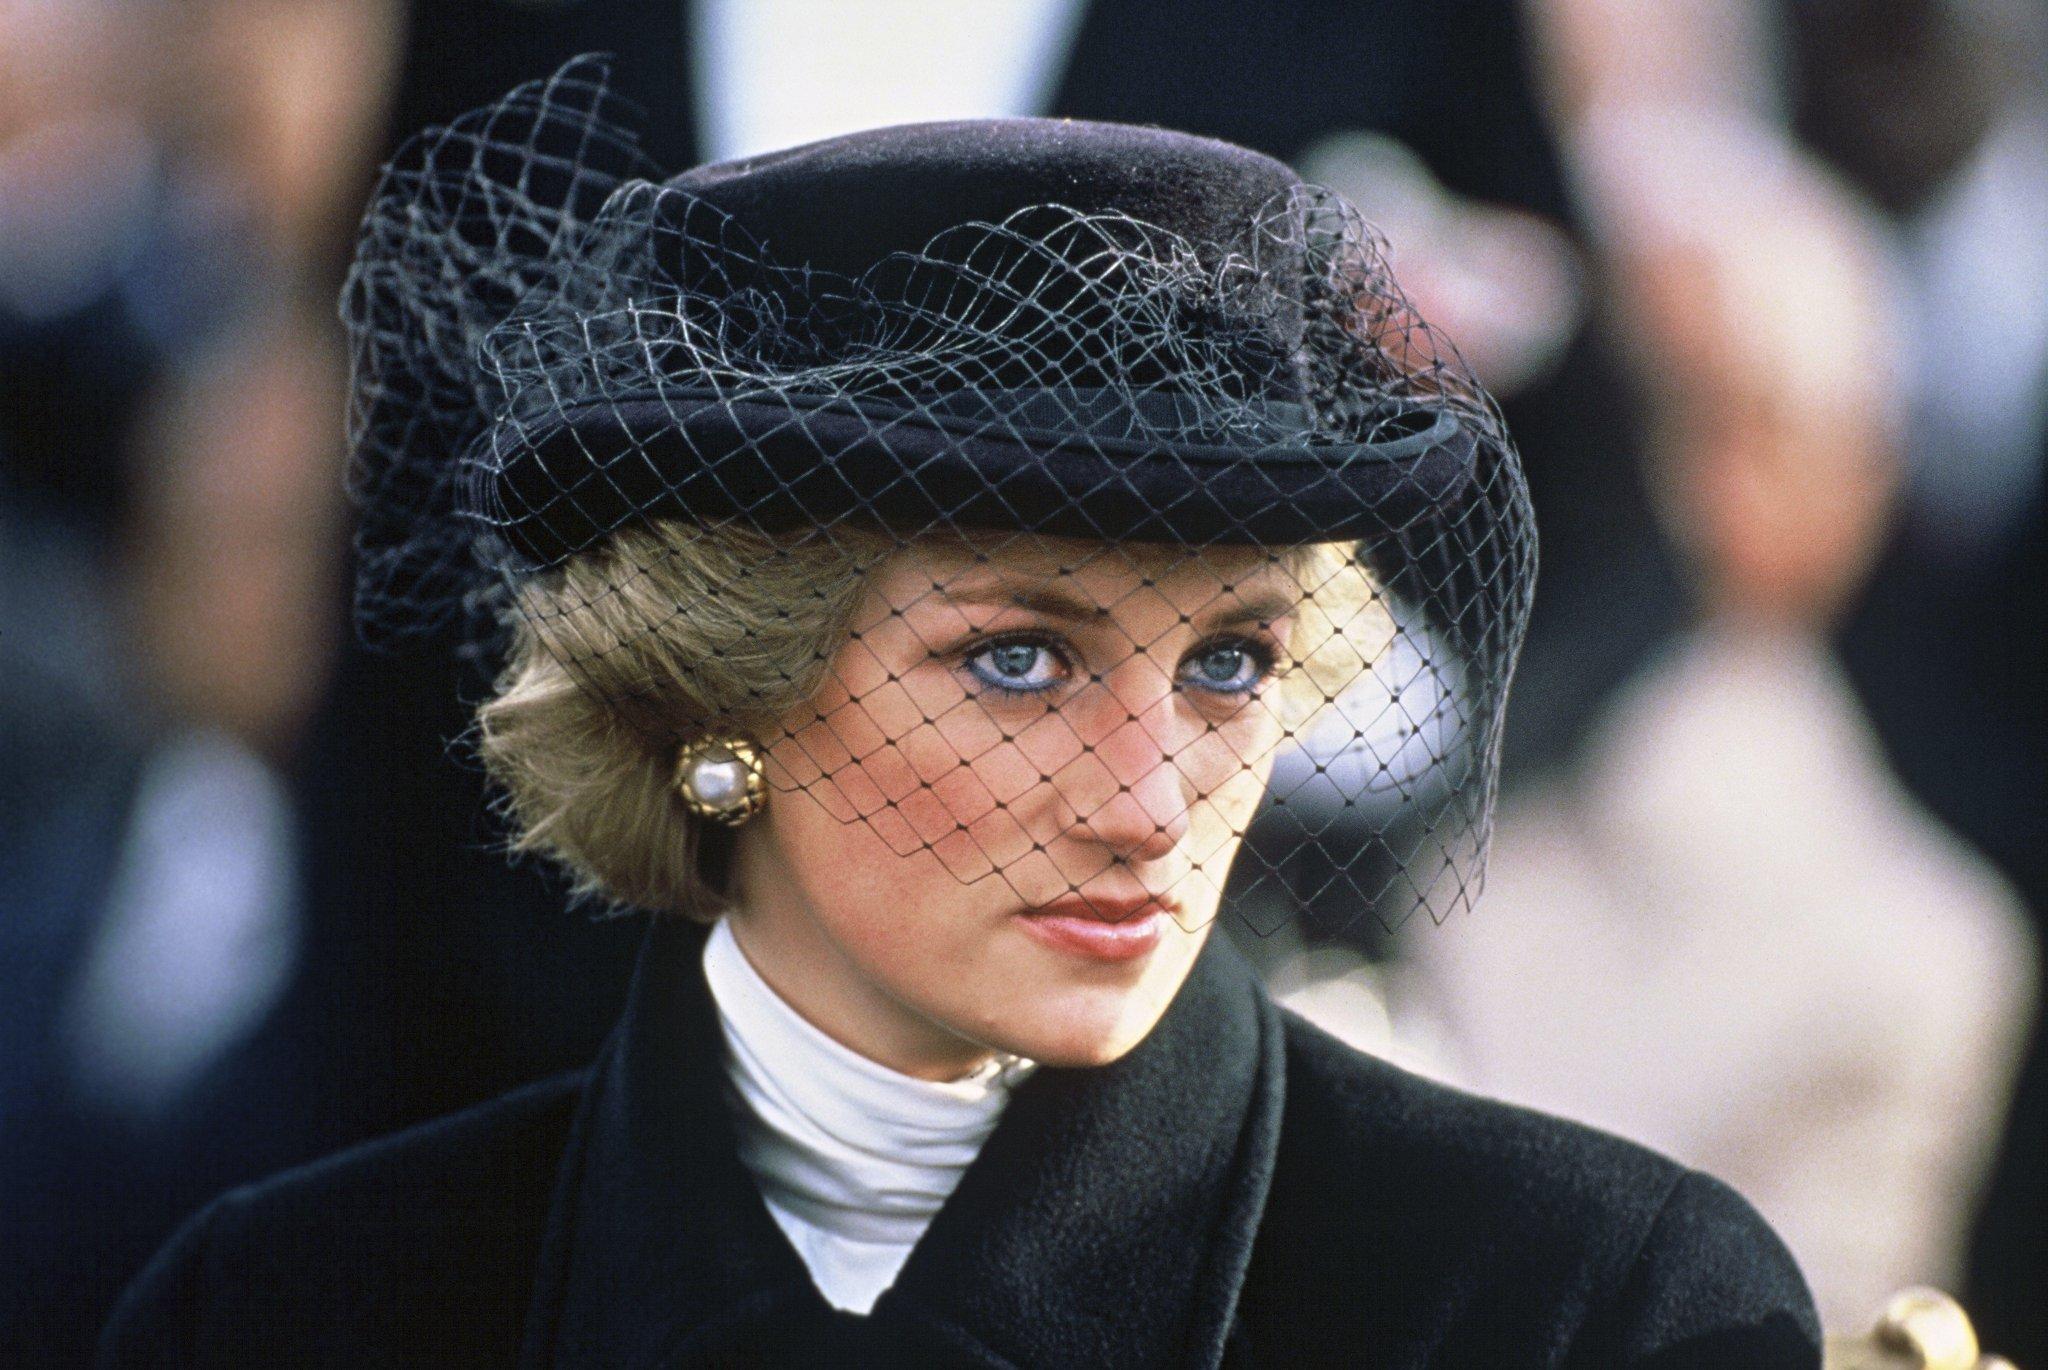 Şahzadə Diana ilə bağlı ŞOK FAKTLAR ortaya çıxıb